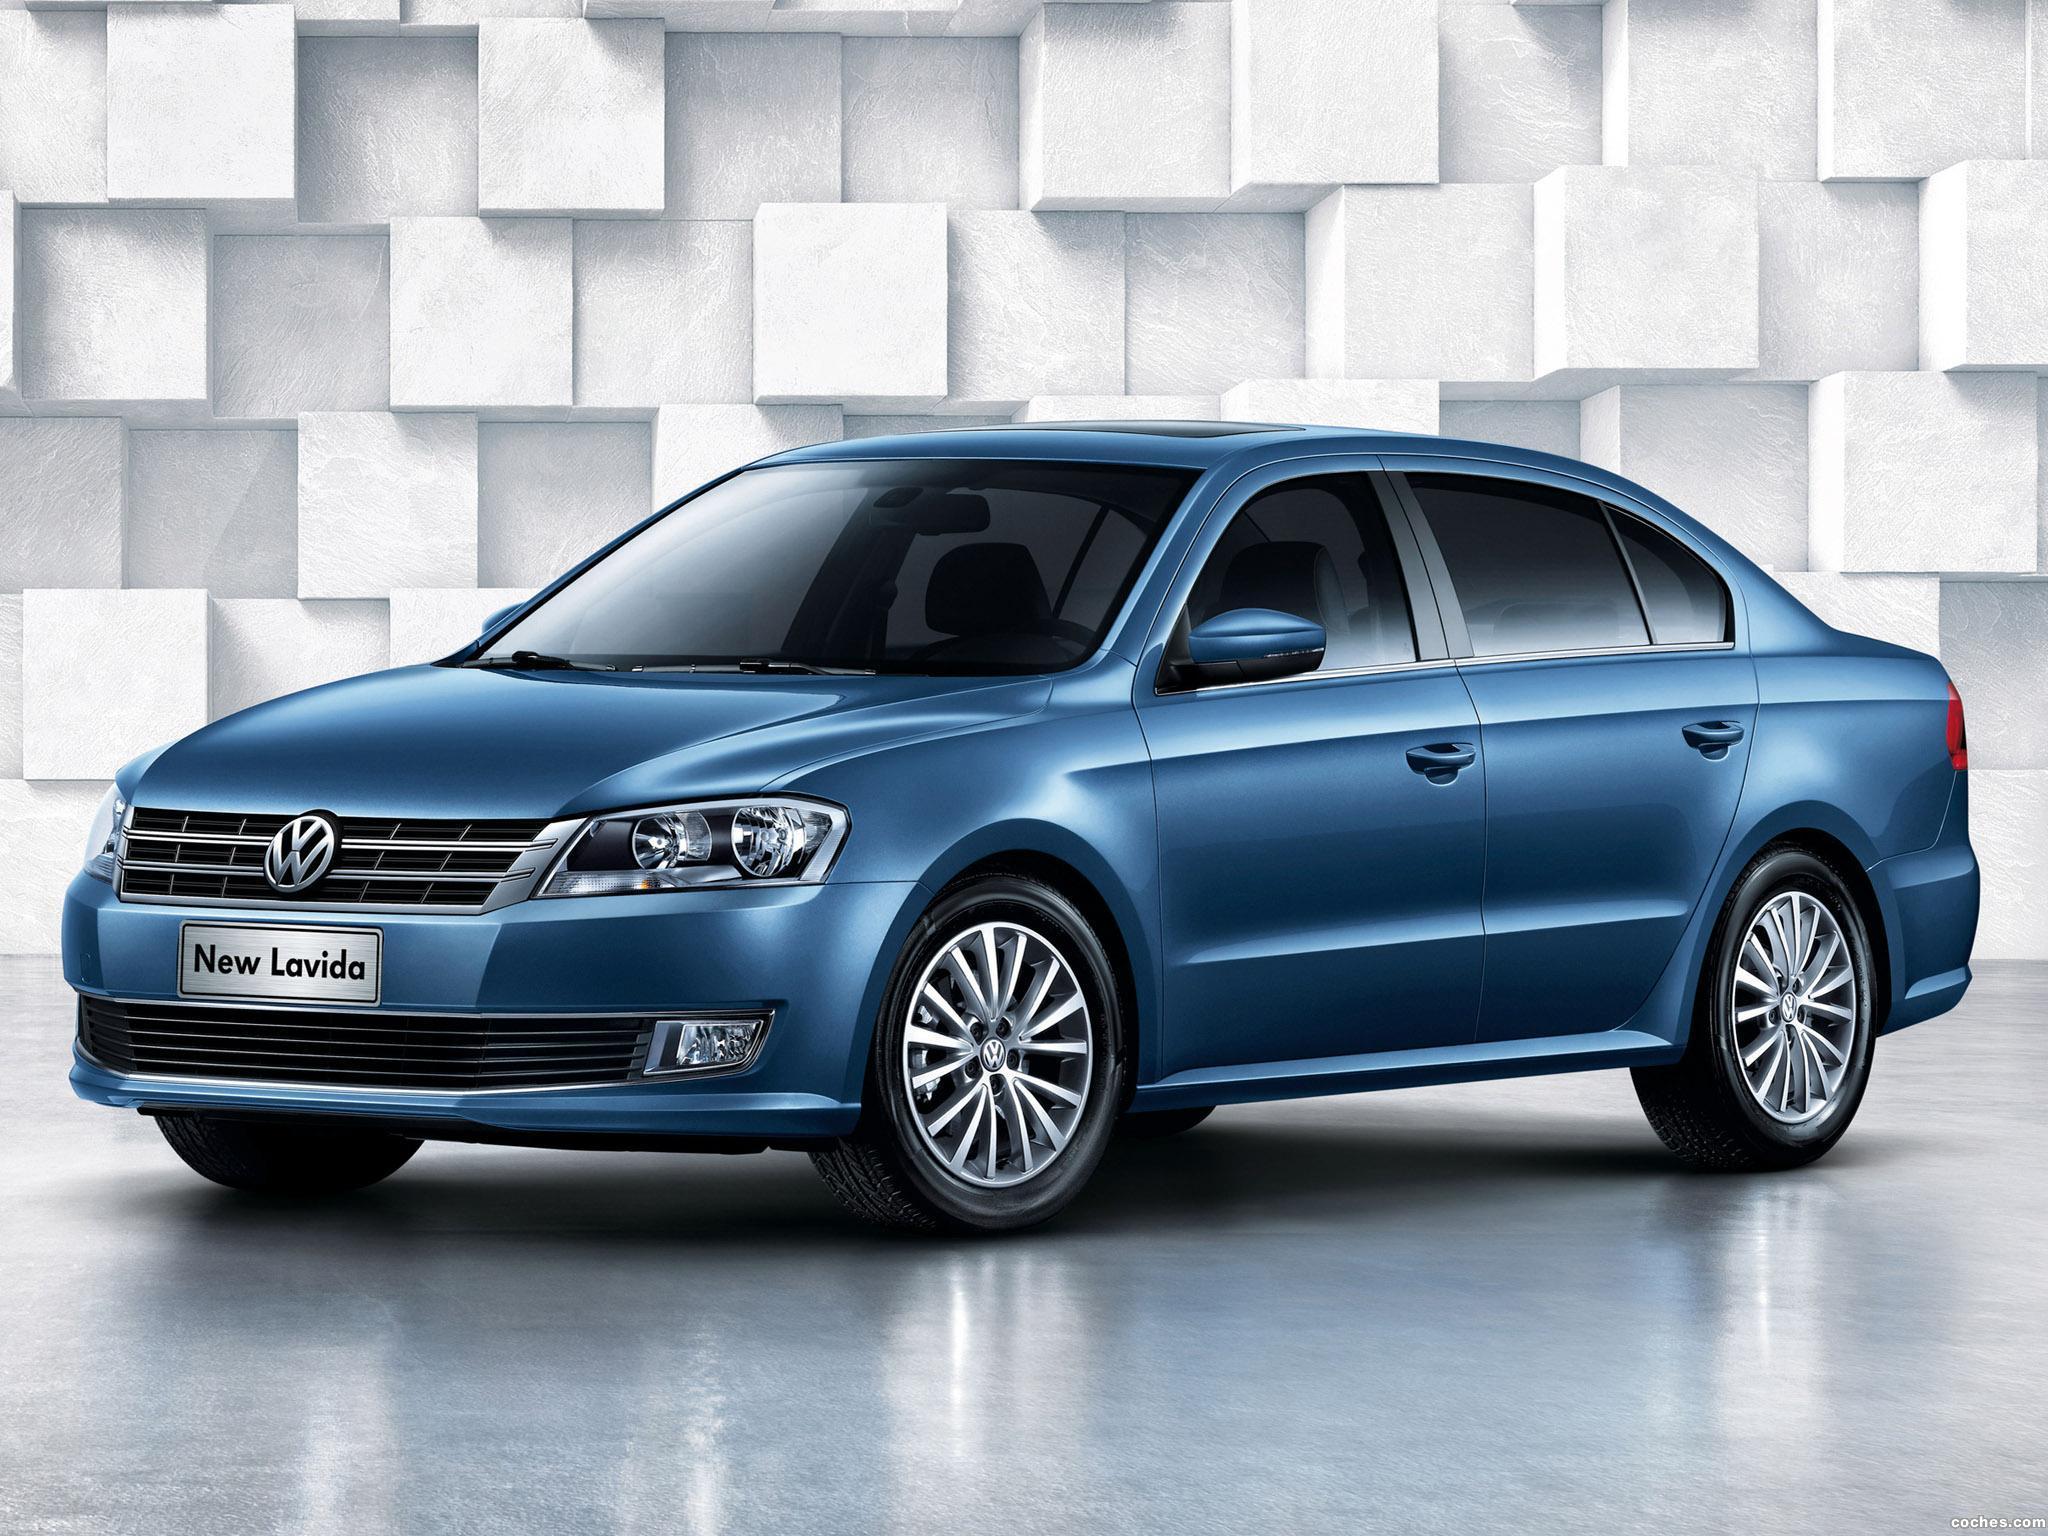 Foto 0 de Volkswagen Lavida 2012